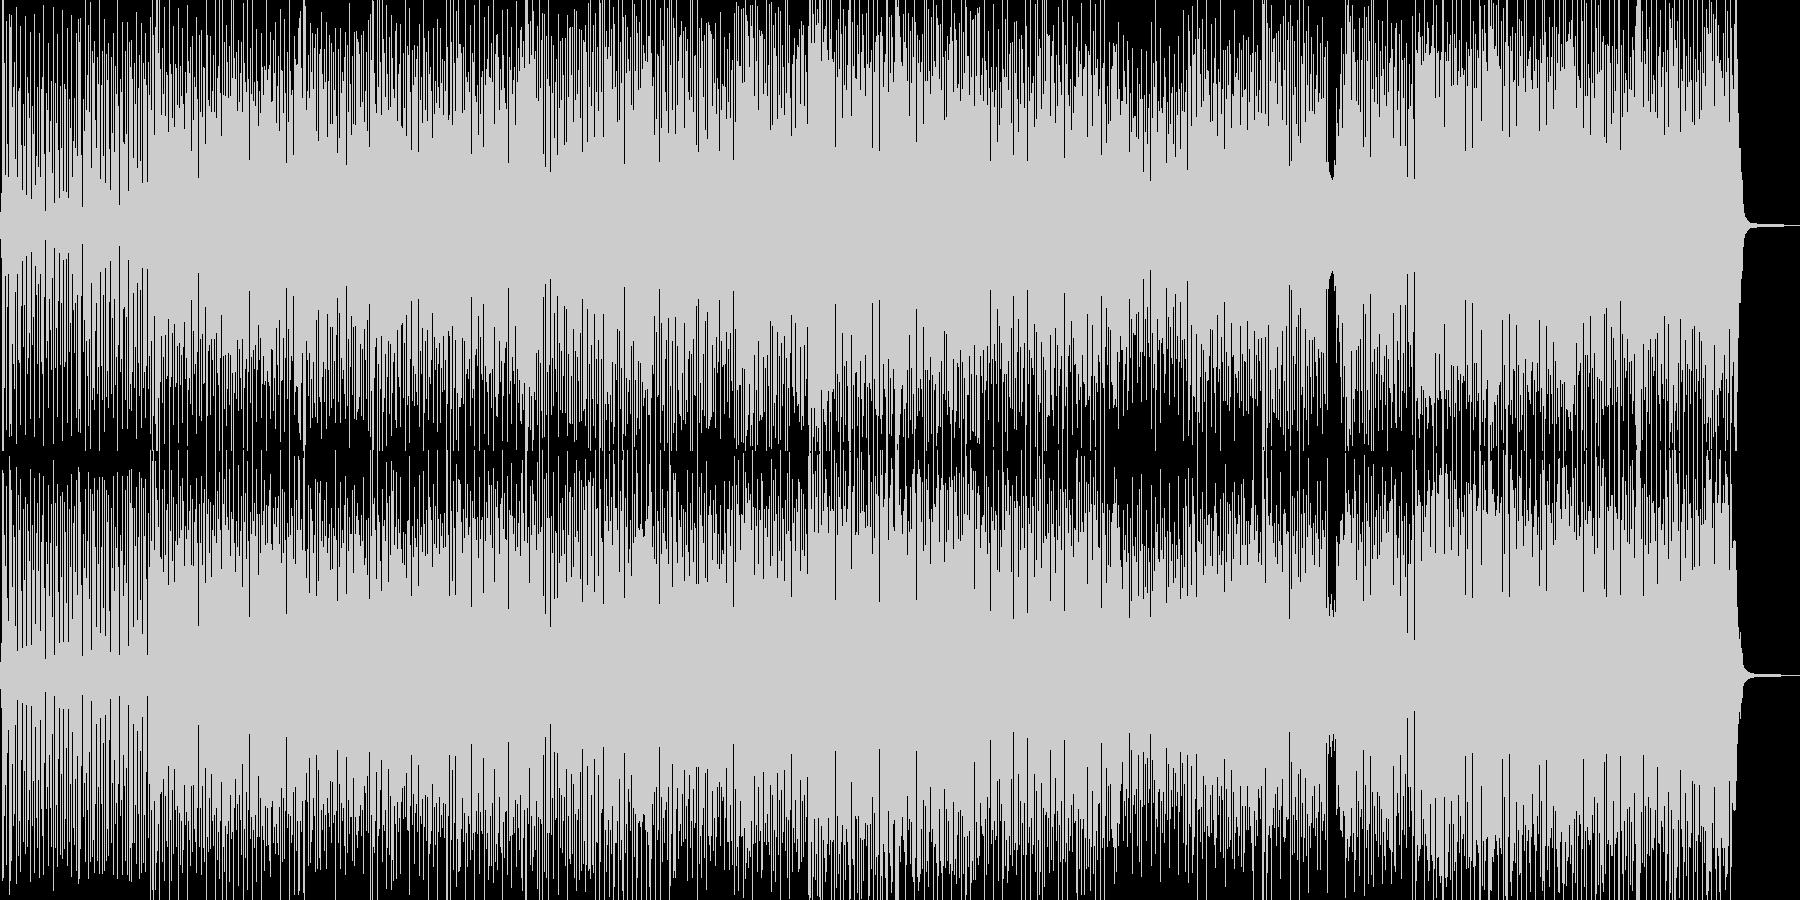 (。^U^)bなスカポップの未再生の波形